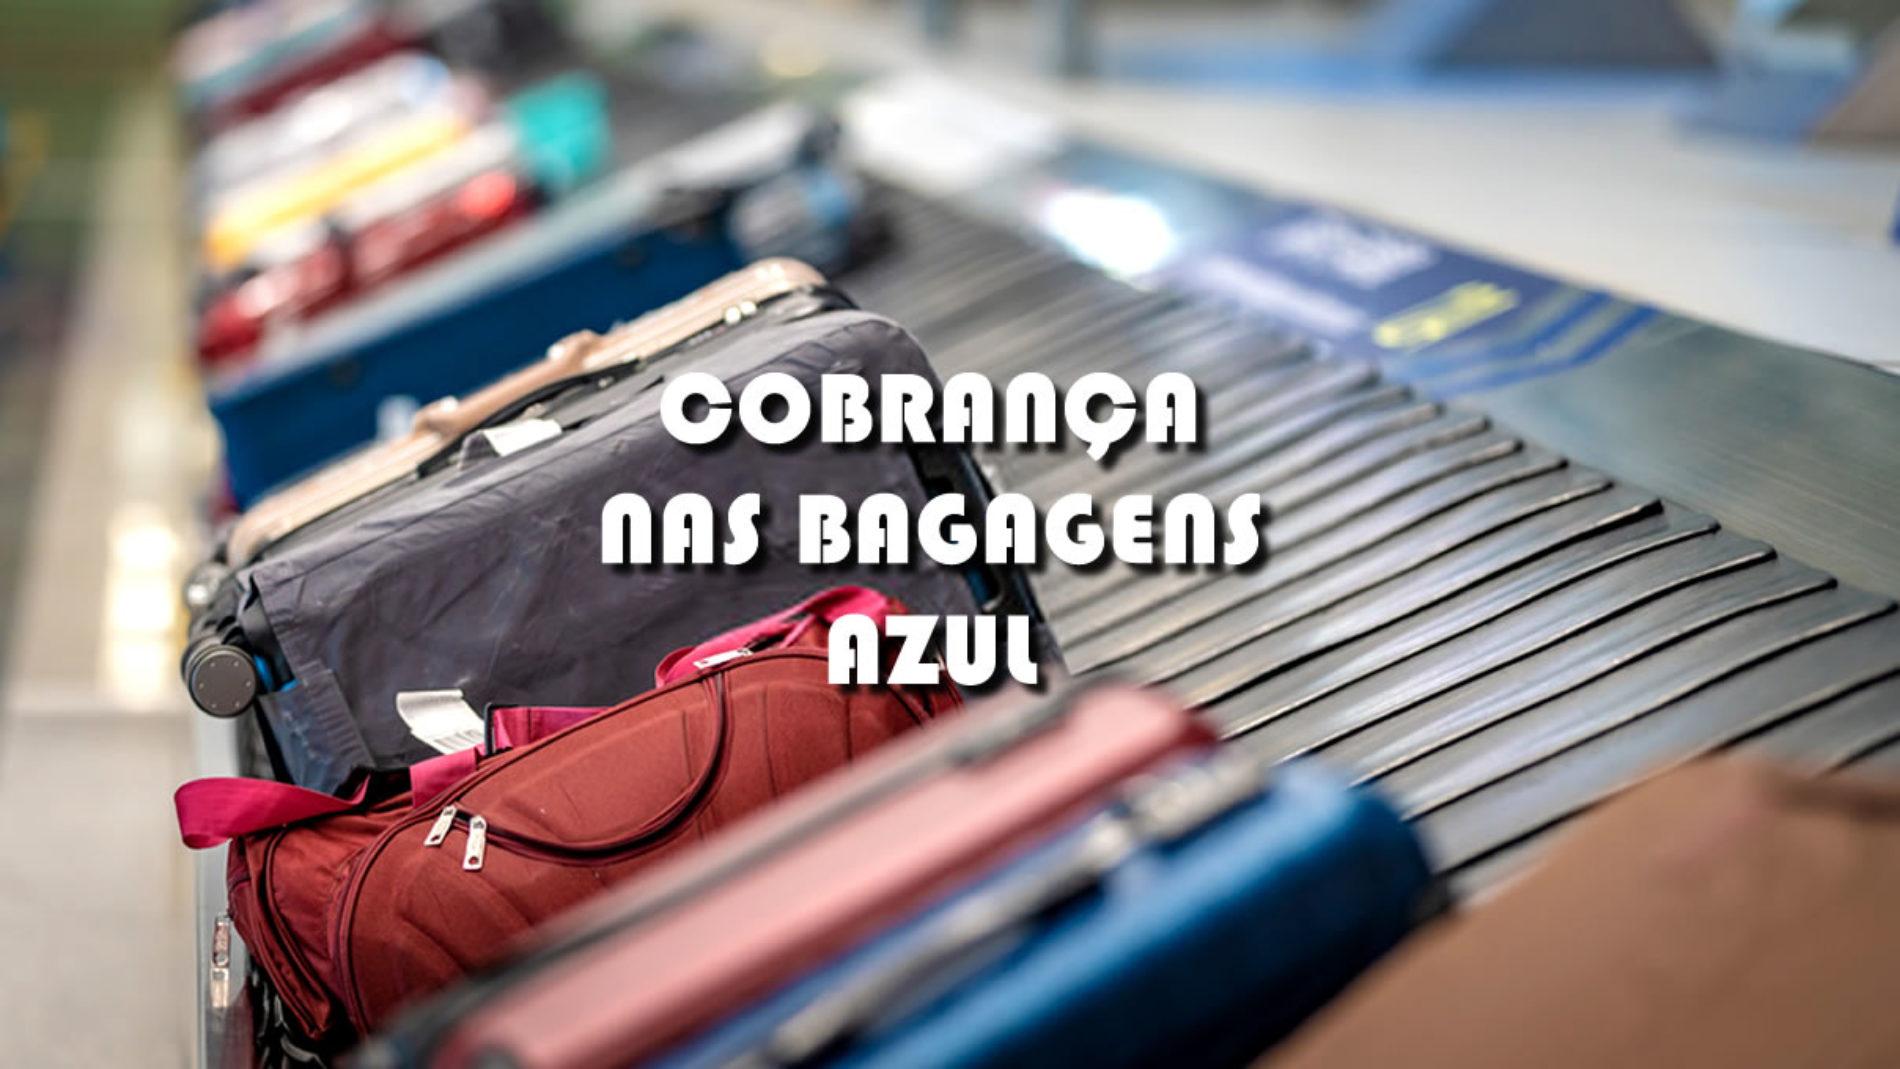 Preços dinâmicos em bagagens nacionais passa a valer na Azul